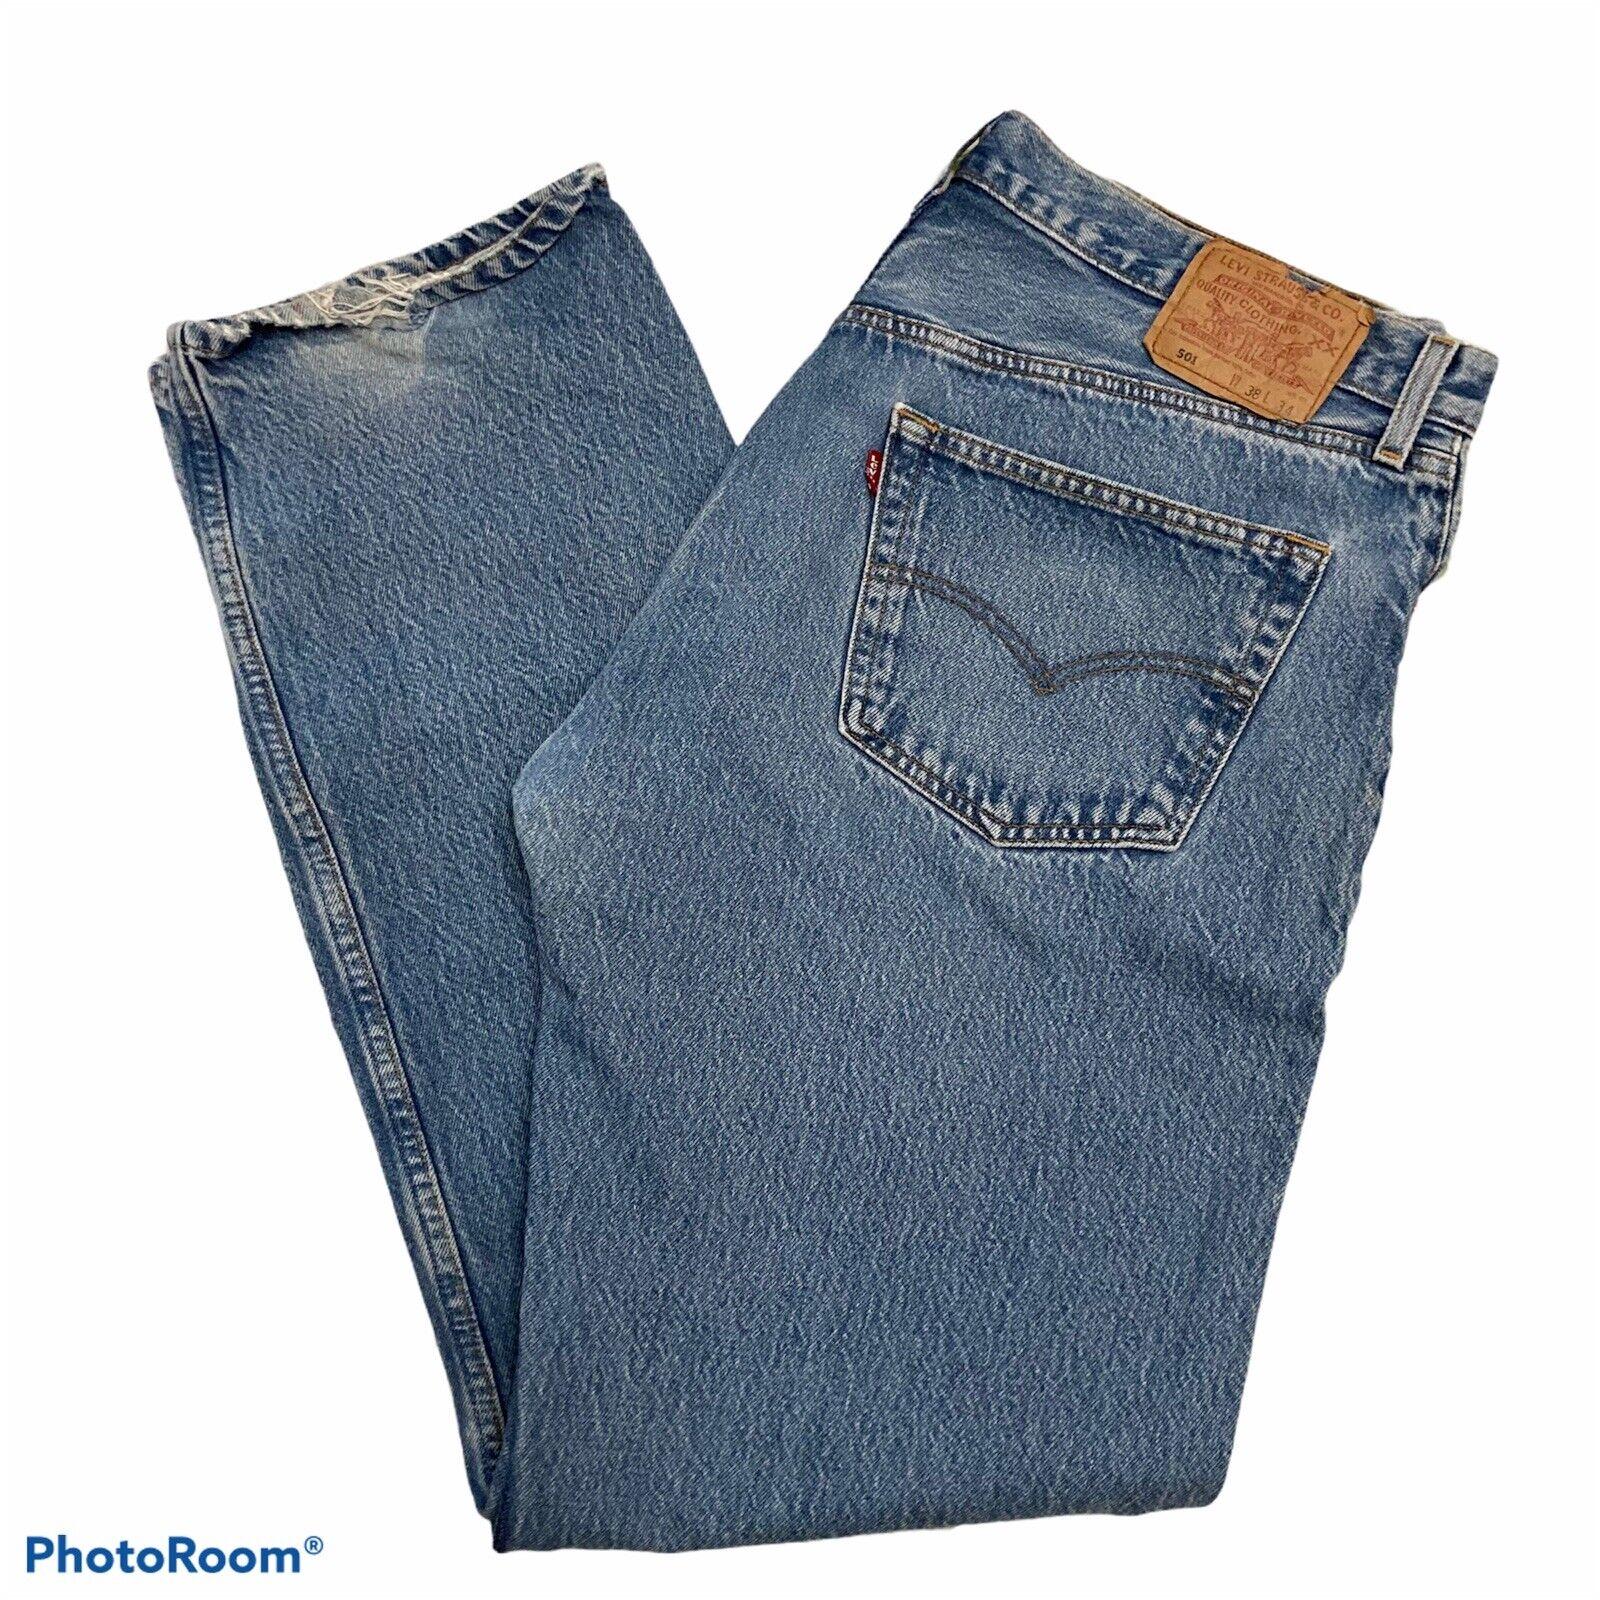 Vintage 90s Distressed Levis 501 Jeans 38x34 - image 1